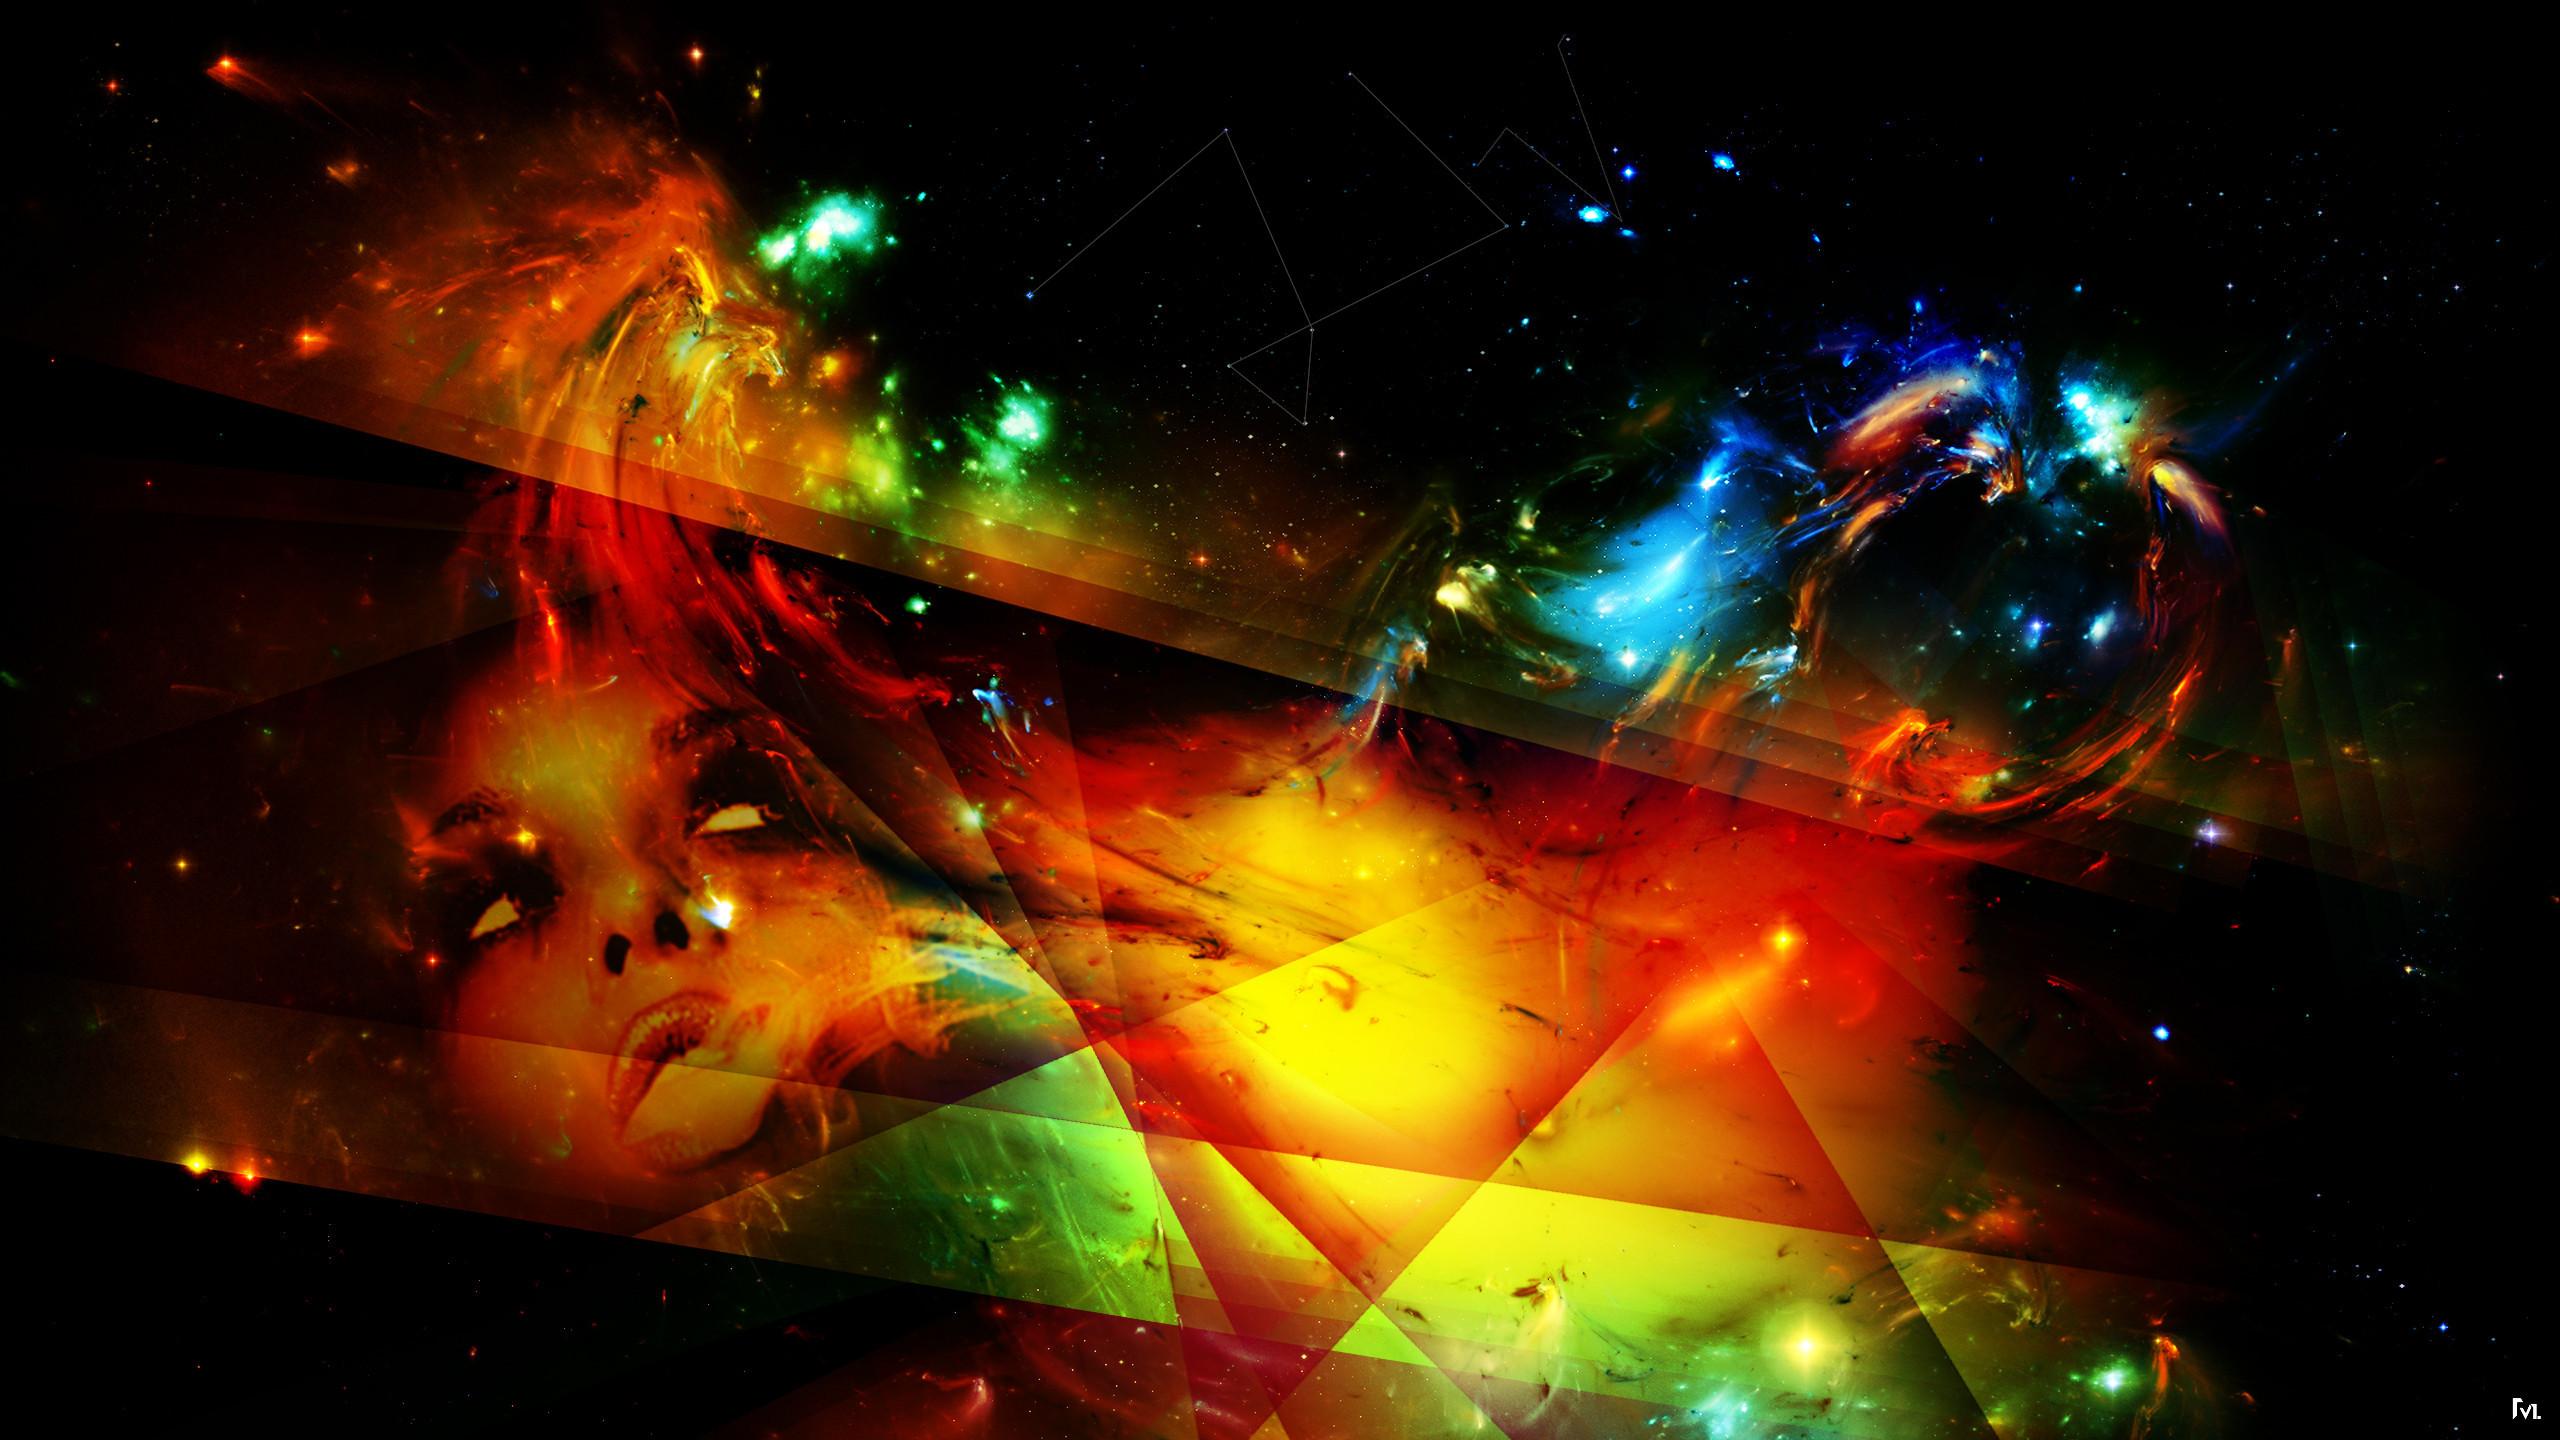 Abstract Art Desktop Wallpapers Widescreen